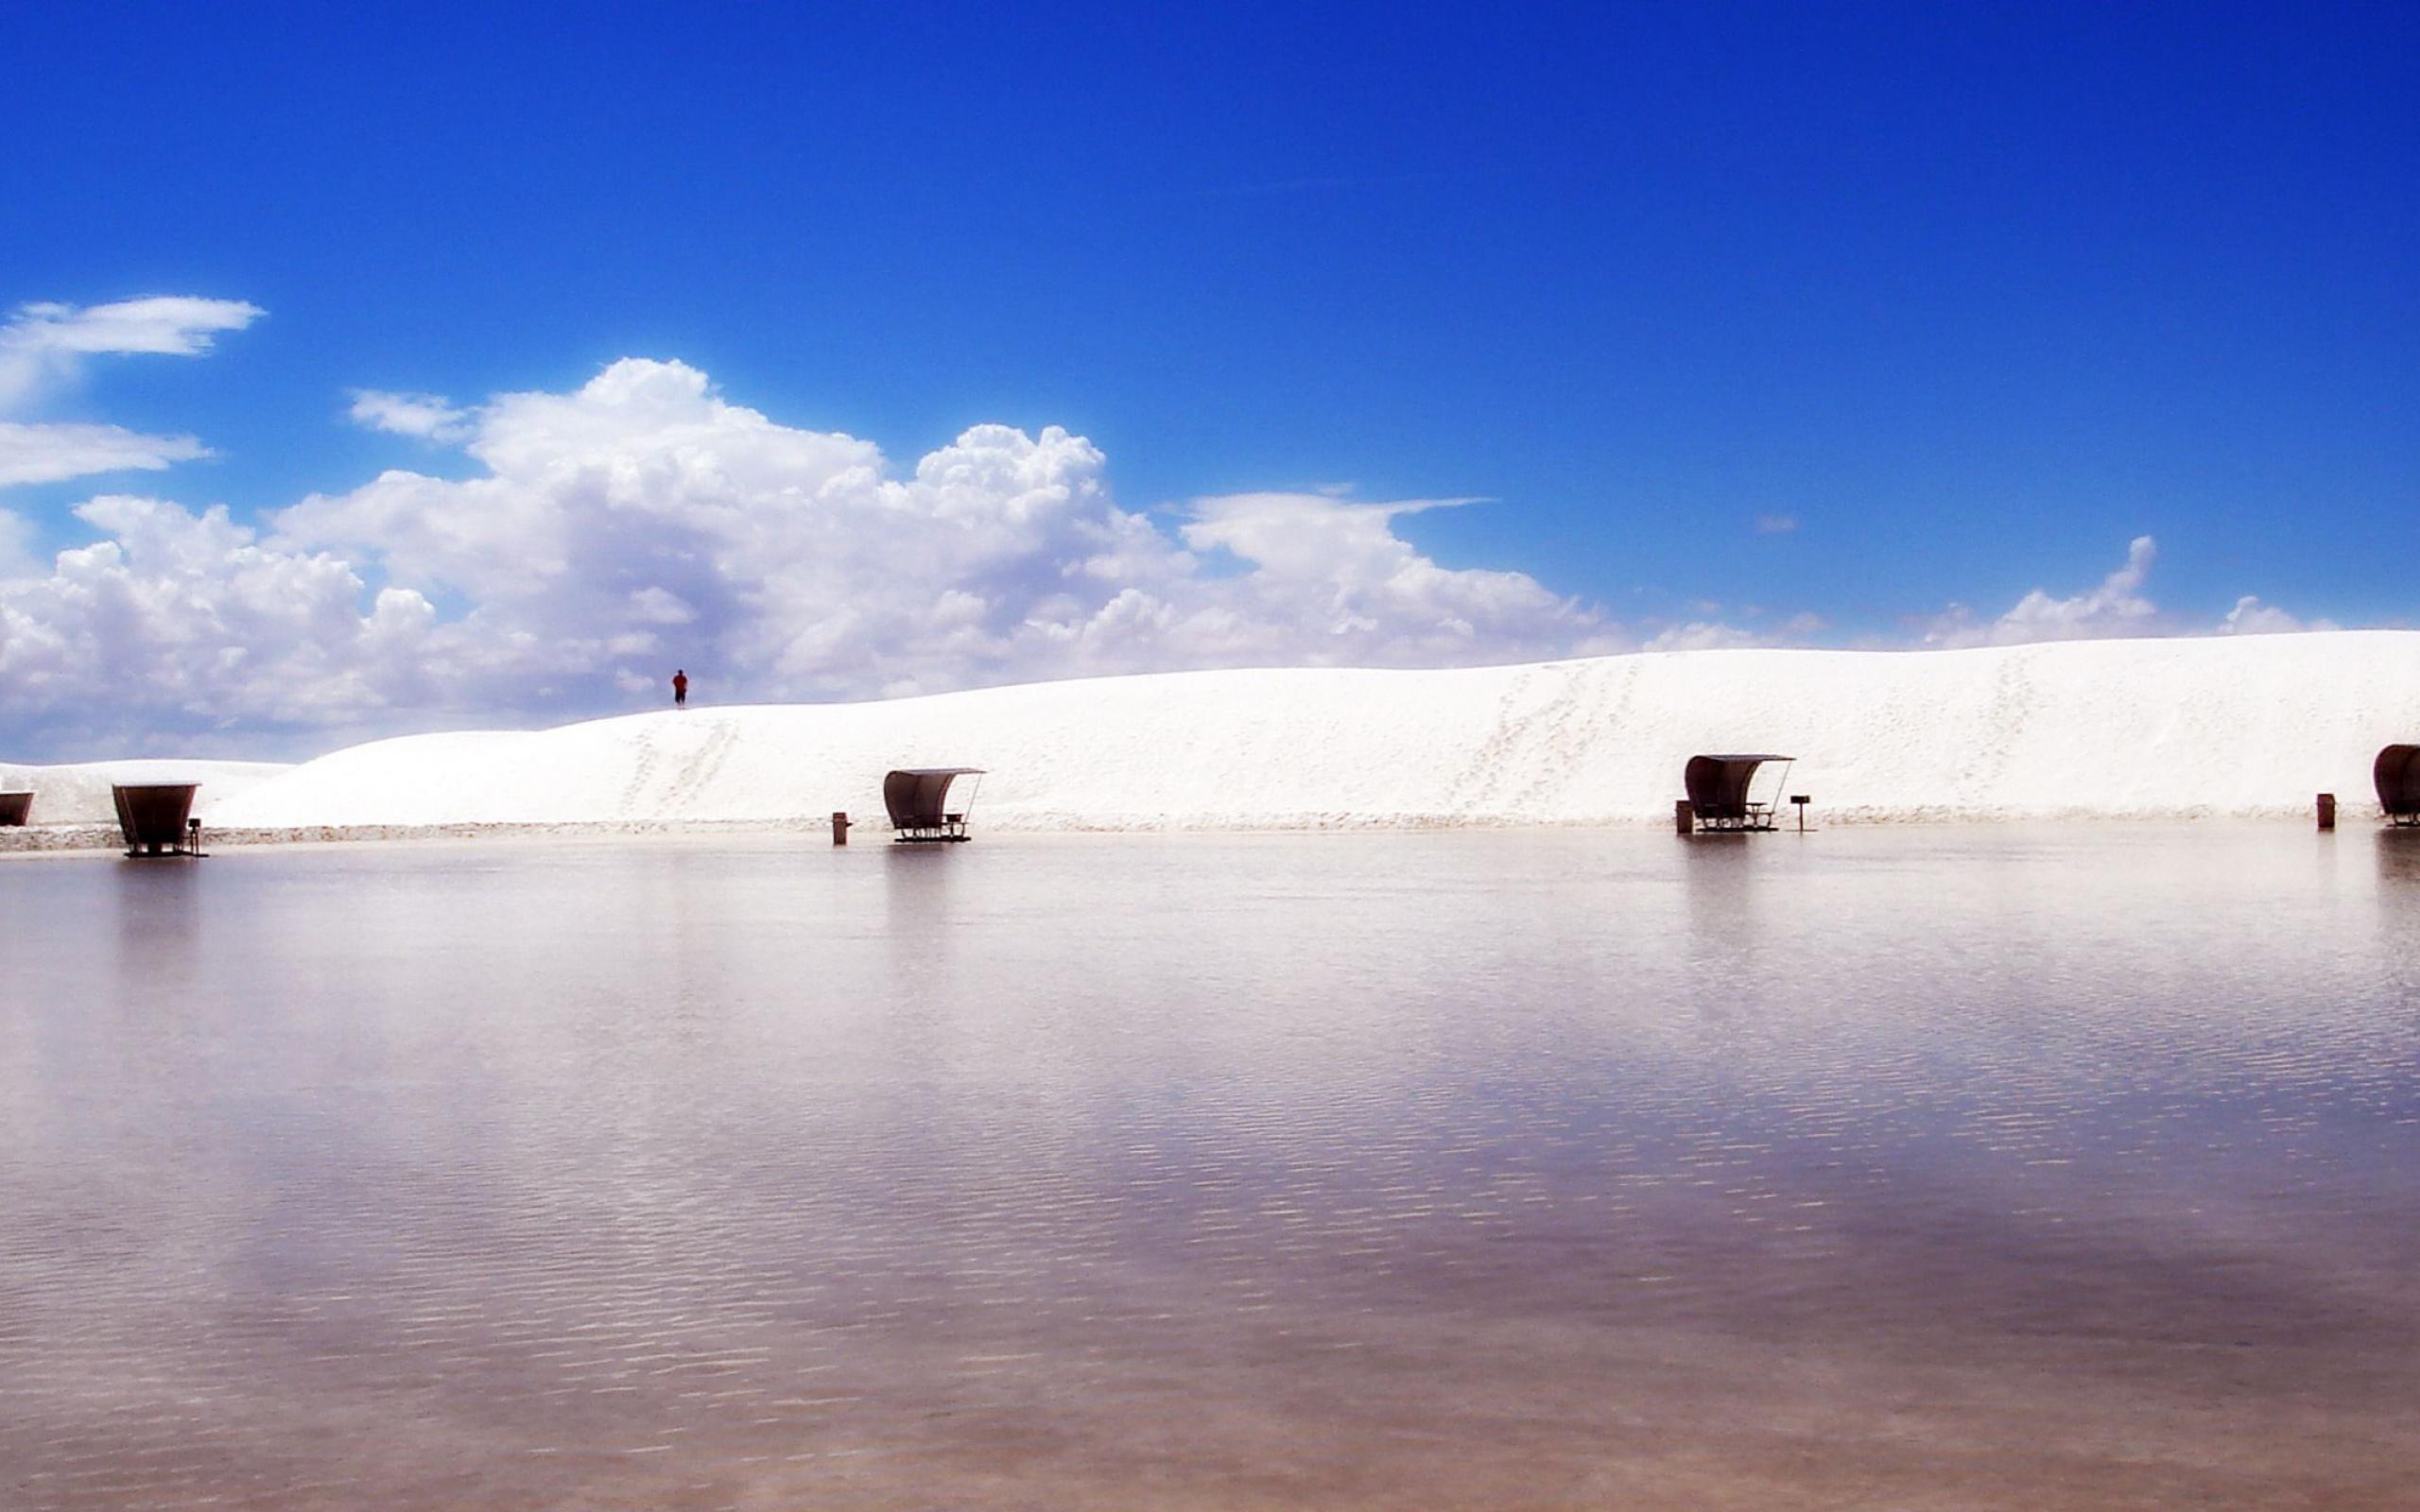 涼しい海のビーチ 自然の風景の壁紙プレビュー 10wallpaper Com